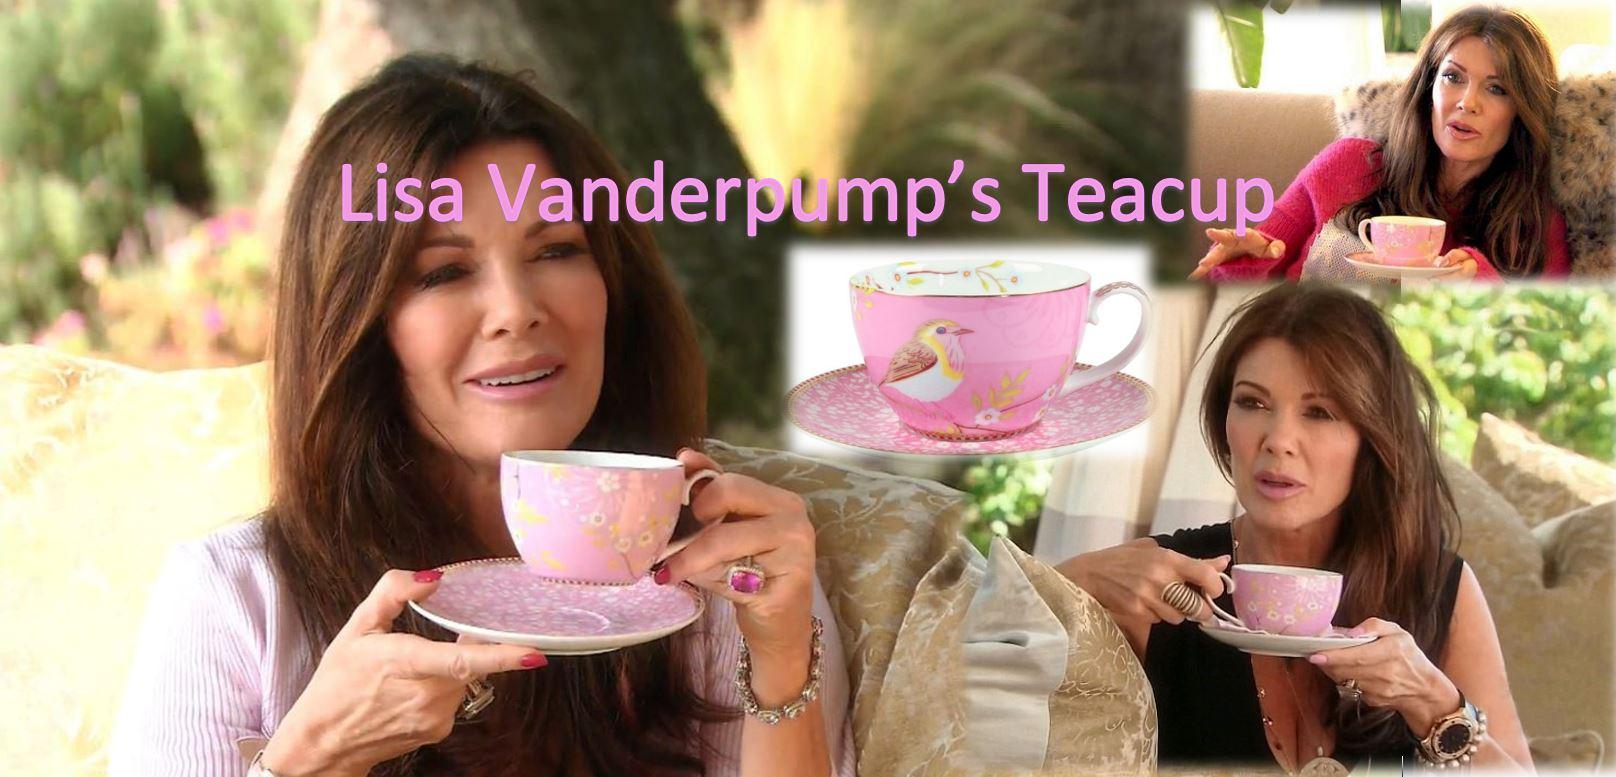 Lisa Vanderpump Teacup